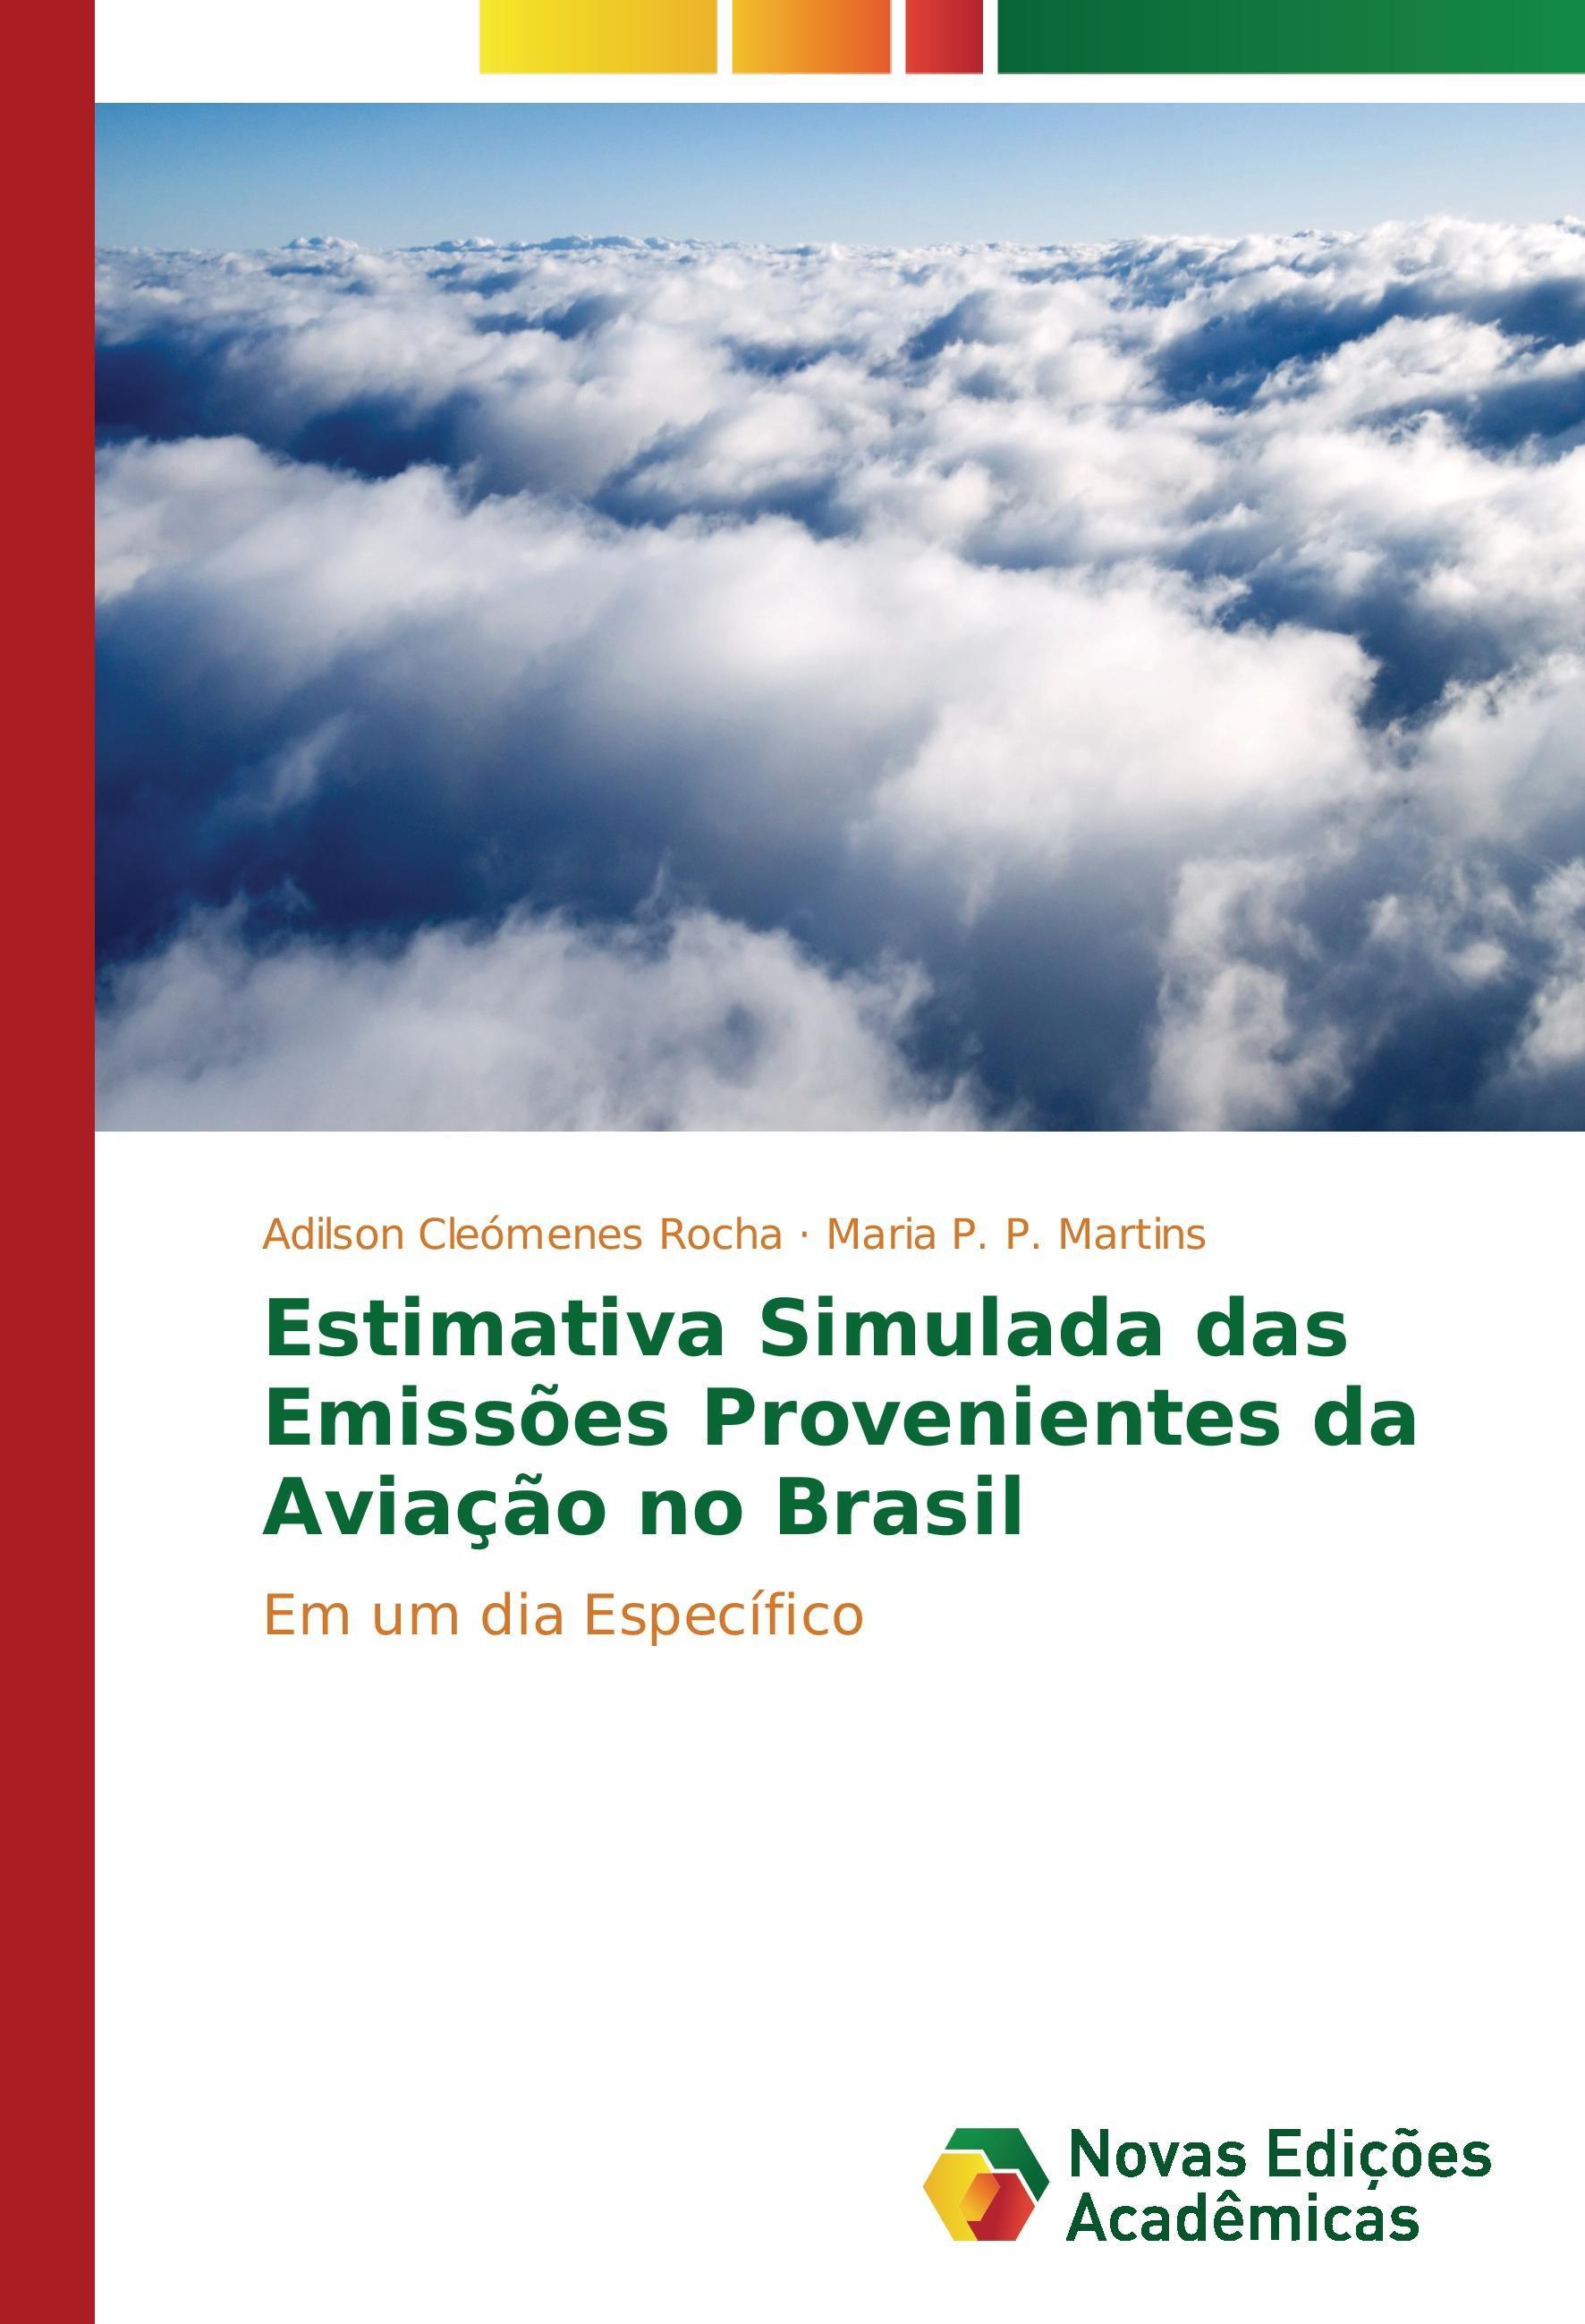 Estimativa Simulada das Emissões Provenientes da Aviação no  ... 9783841715340